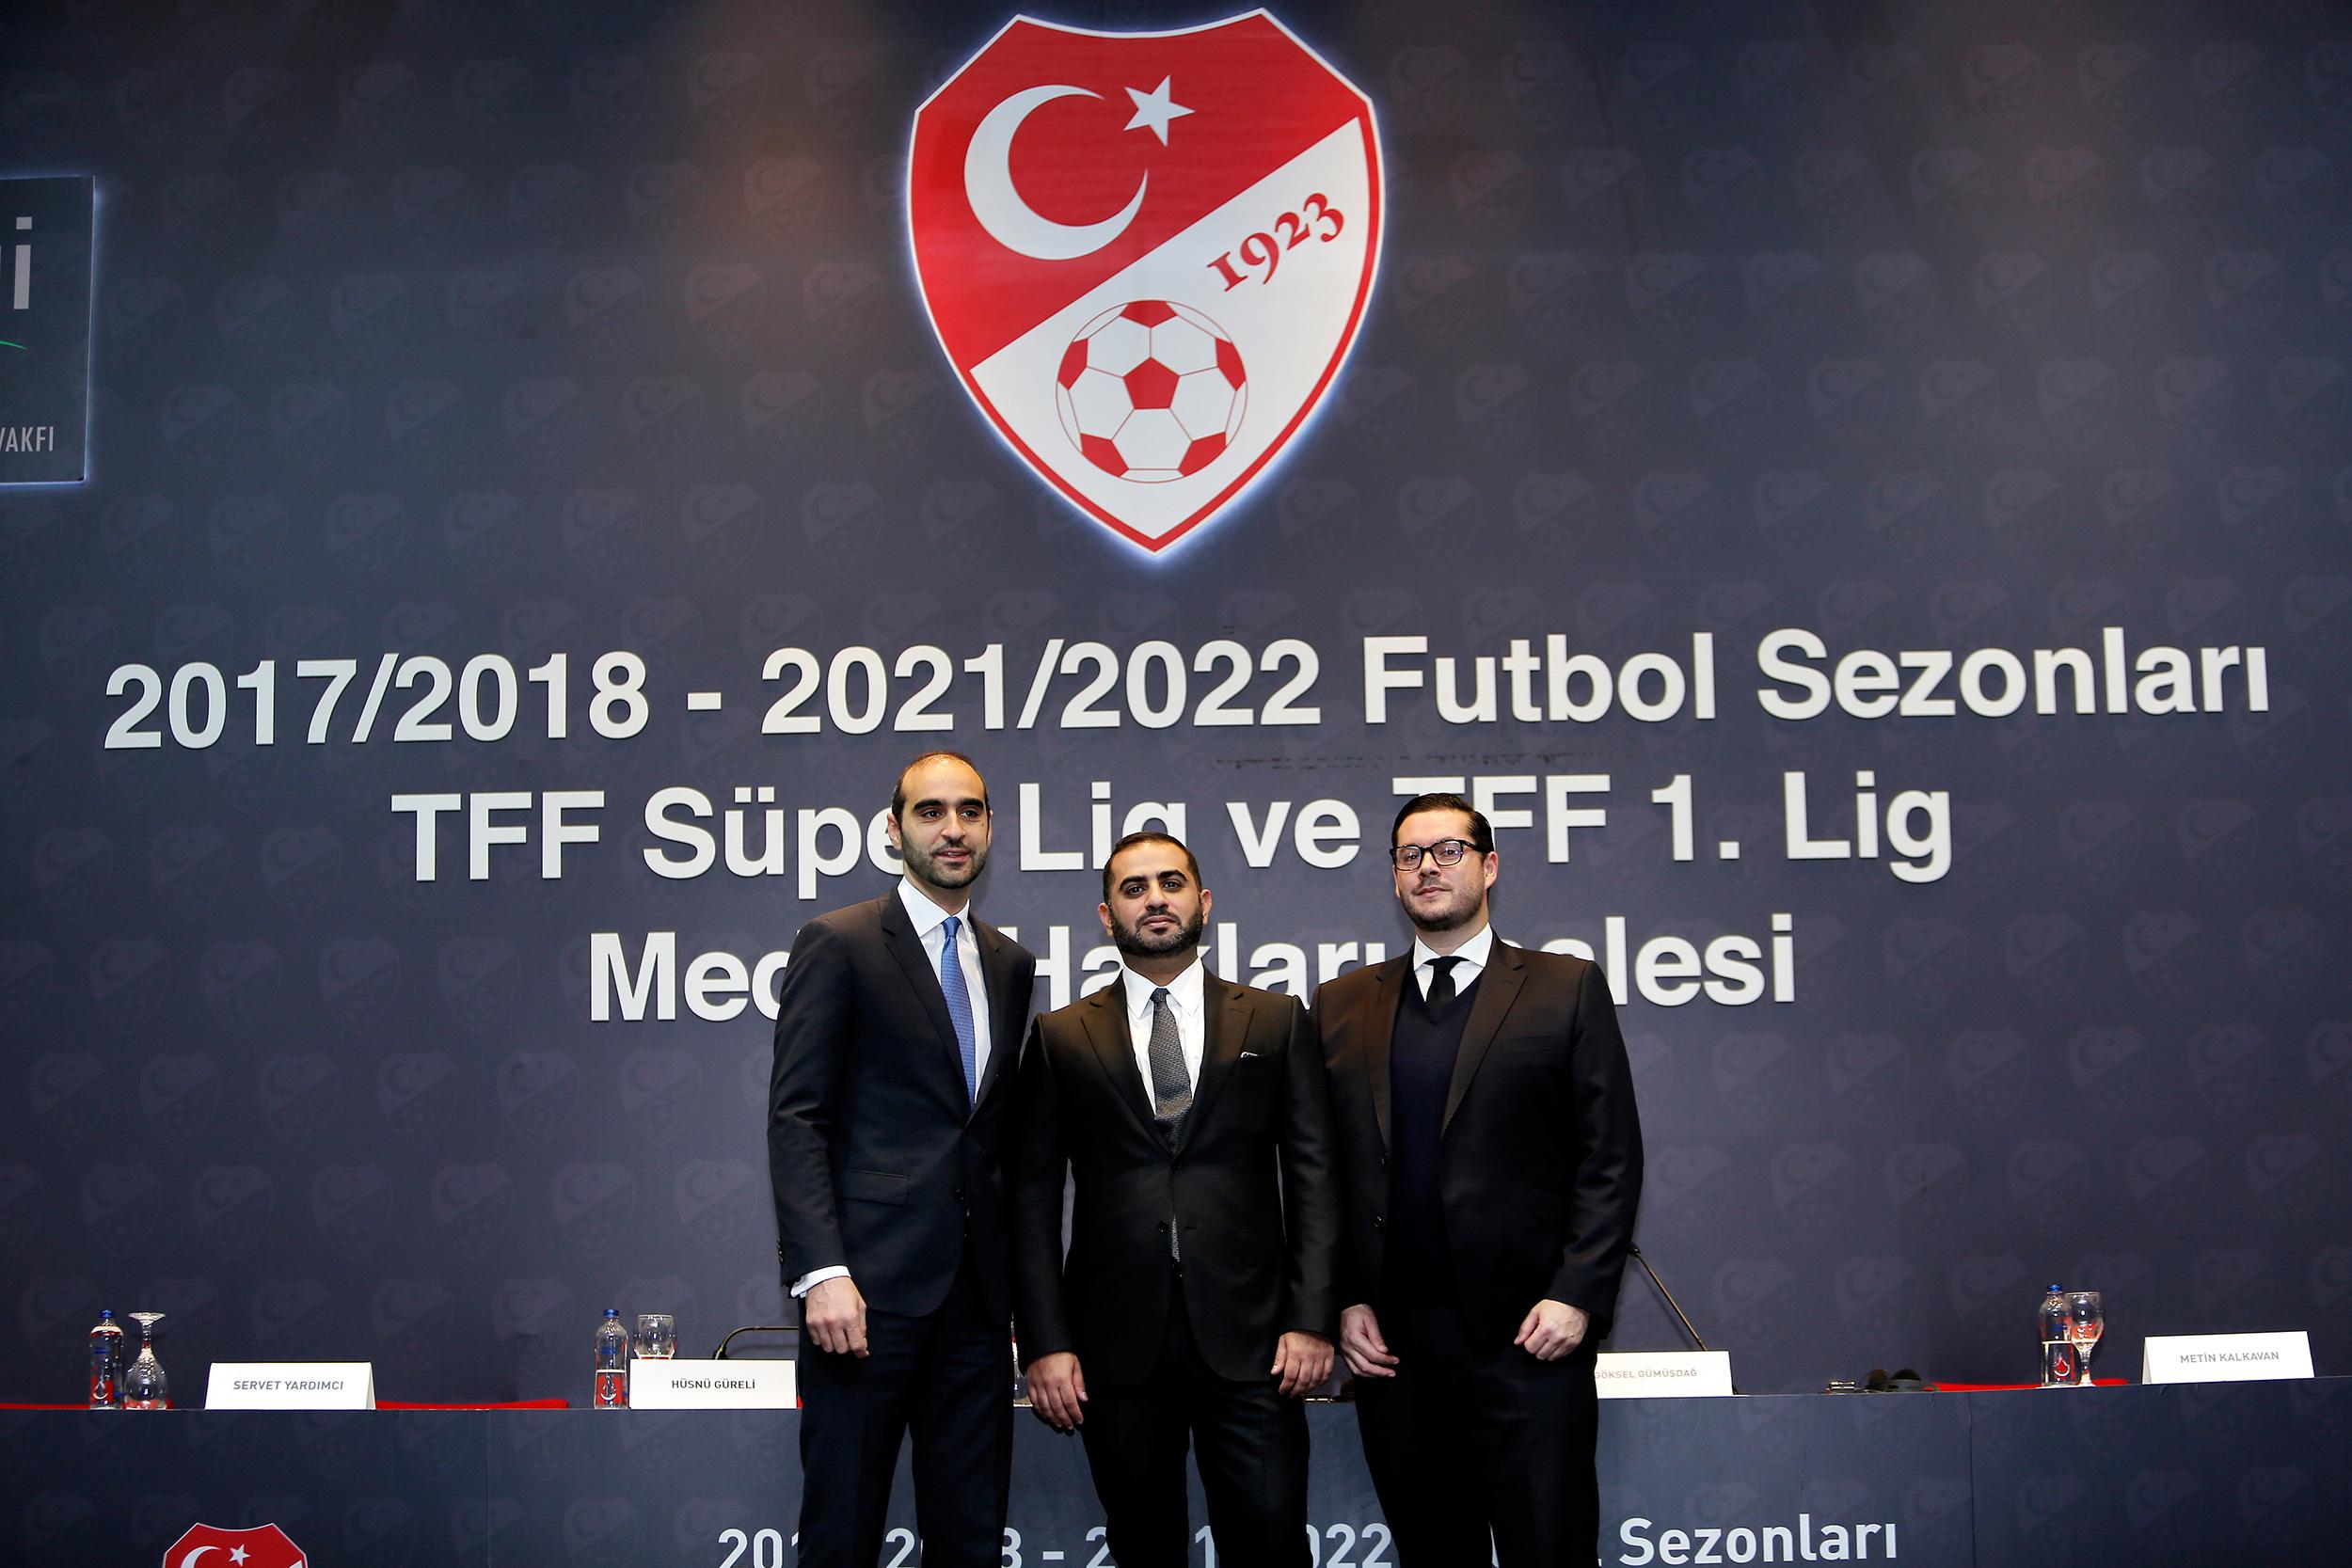 beIN MEDIA GROUP's Digiturk wins 'Turkish Süper Lig' tender once again - beIN EN